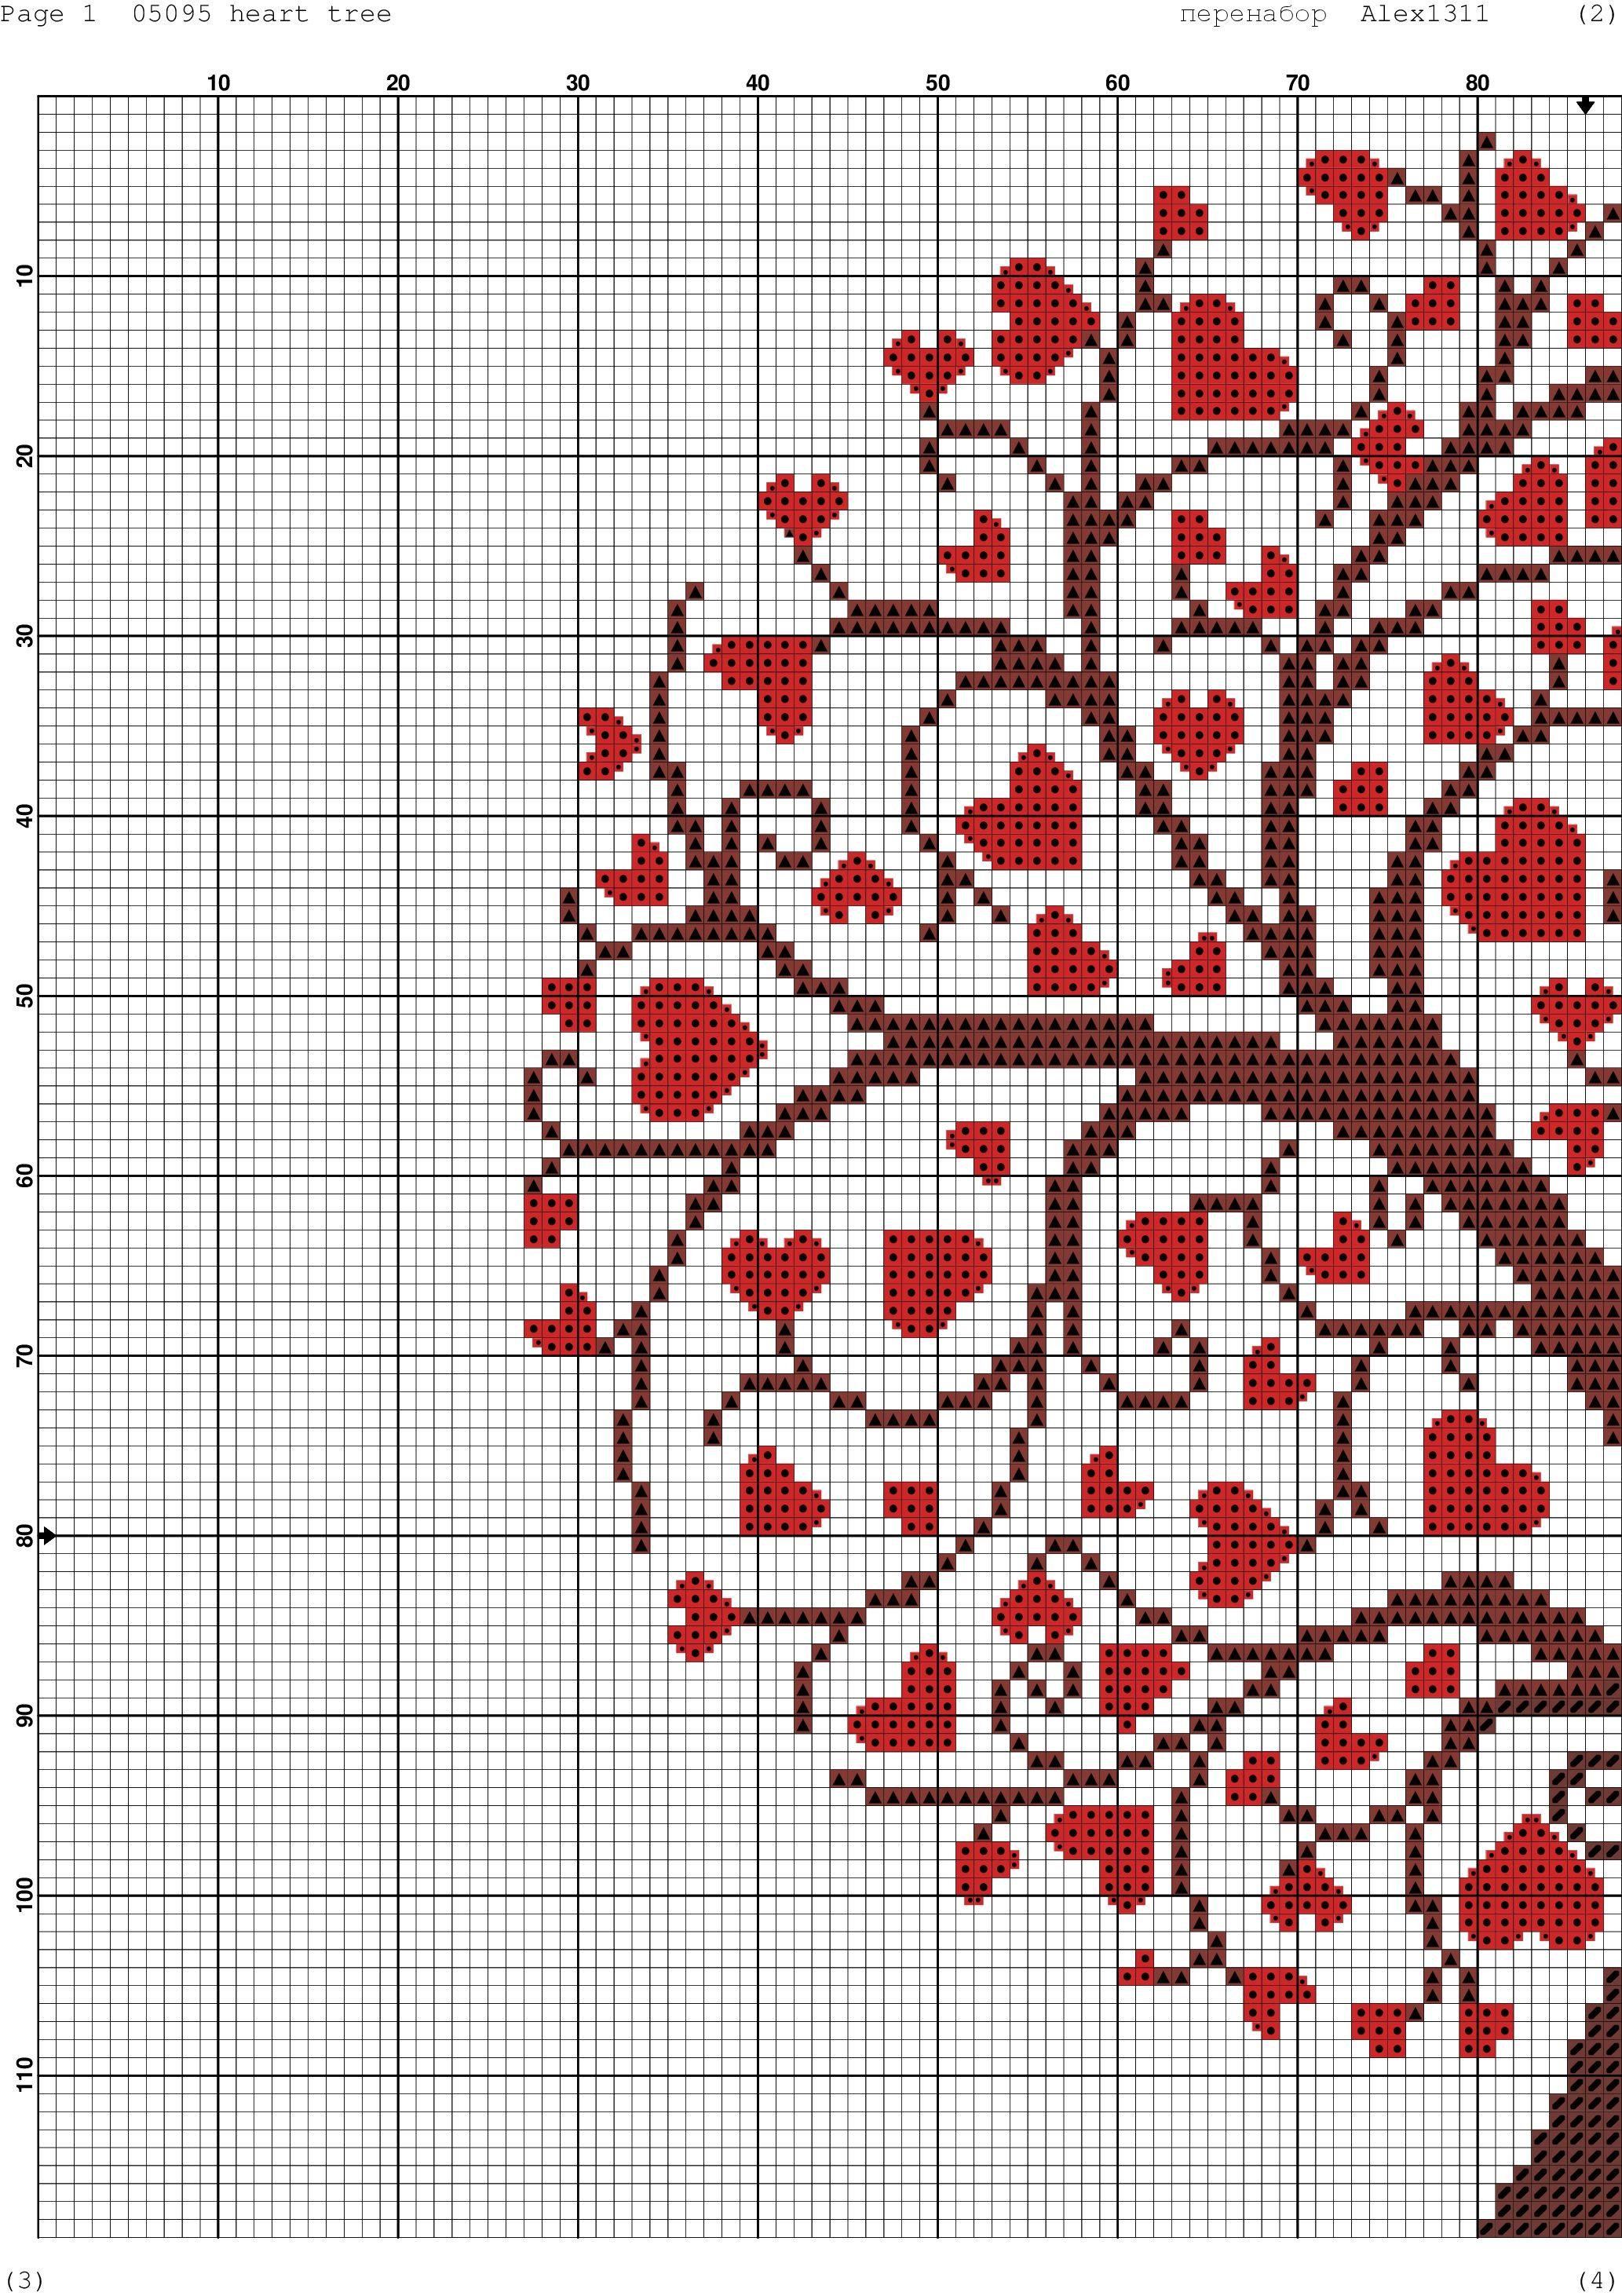 дерево любви 4   HOBBY   Pinterest   Punto de cruz, Puntos y Bordado